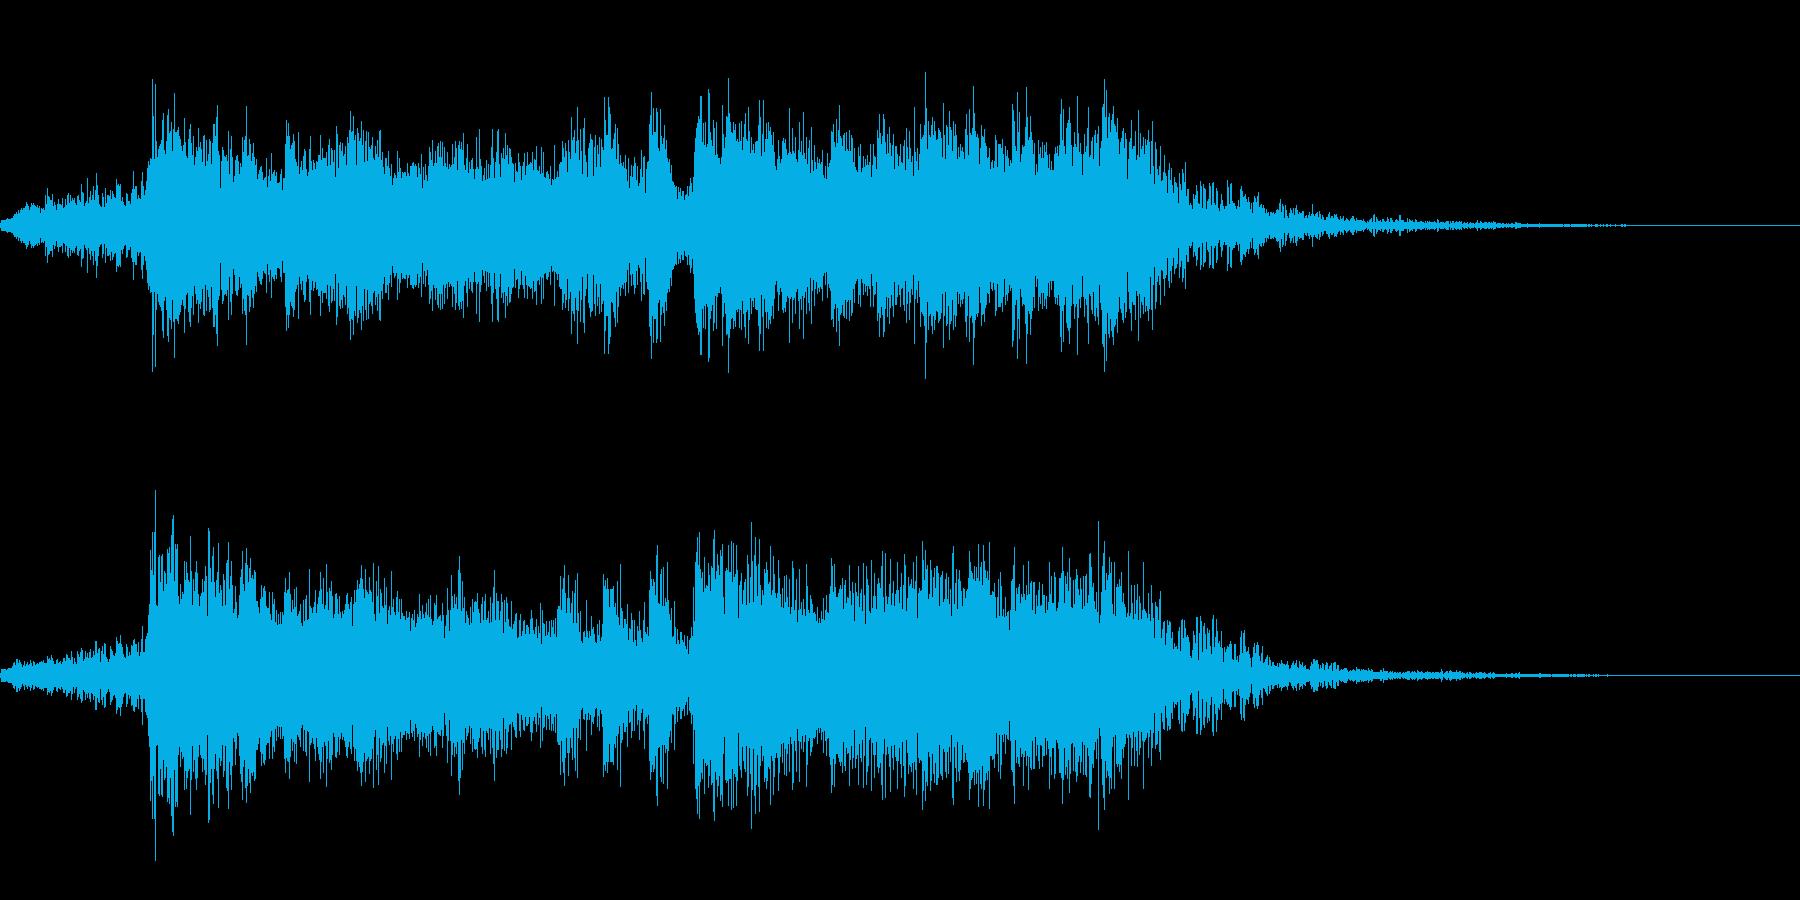 ファンファーレ・オーケストラ・豪華・6秒の再生済みの波形